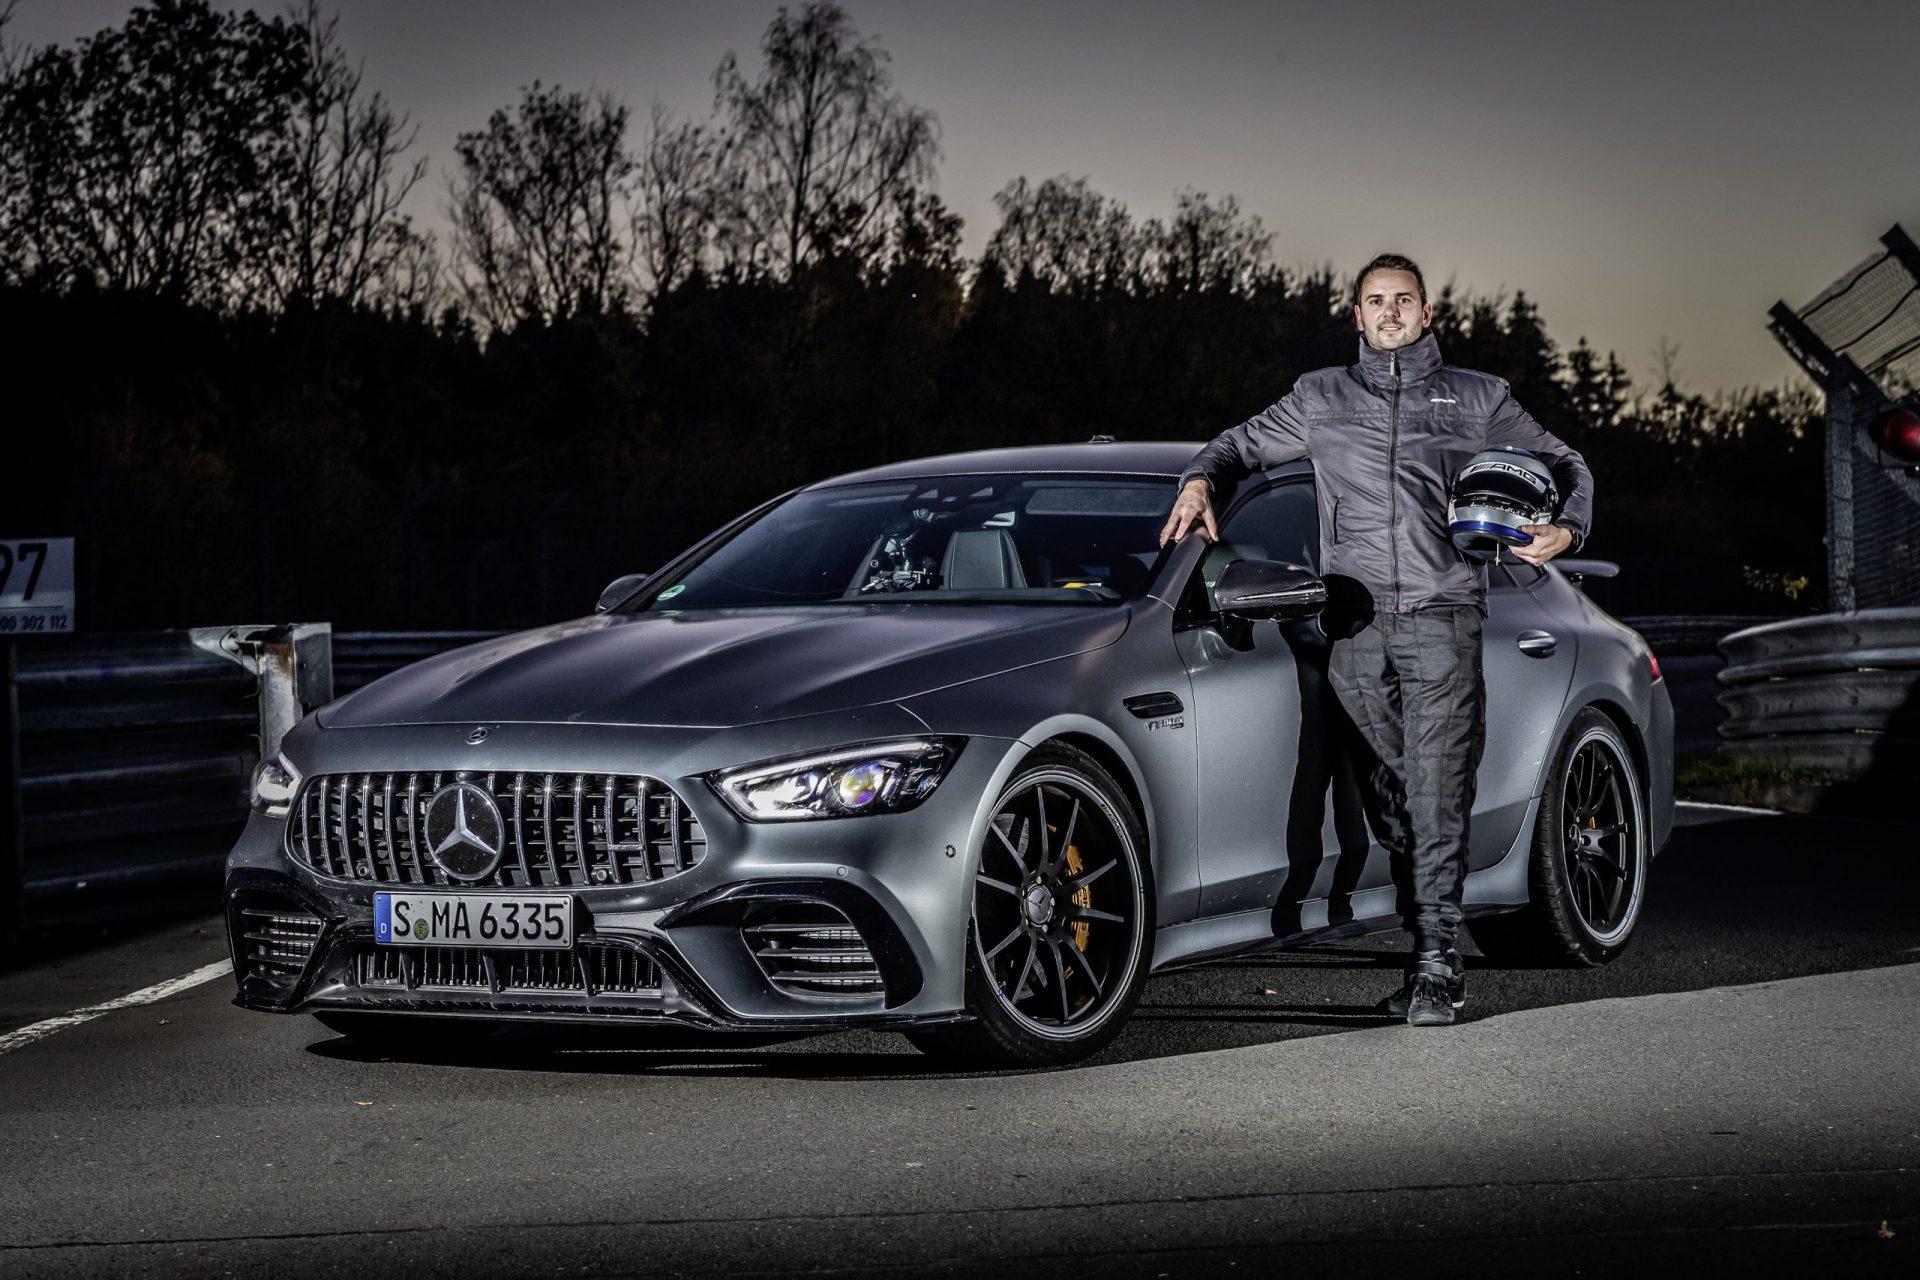 Mercedes Amg Gt 63 S 4matic+ Ist Das Schnellste Oberklasse Fahrzeug Auf Der Nordschleife Mercedes Amg Gt 63 S 4matic+ Is The Fastest Luxury Class Vehicle On The Nordschleife